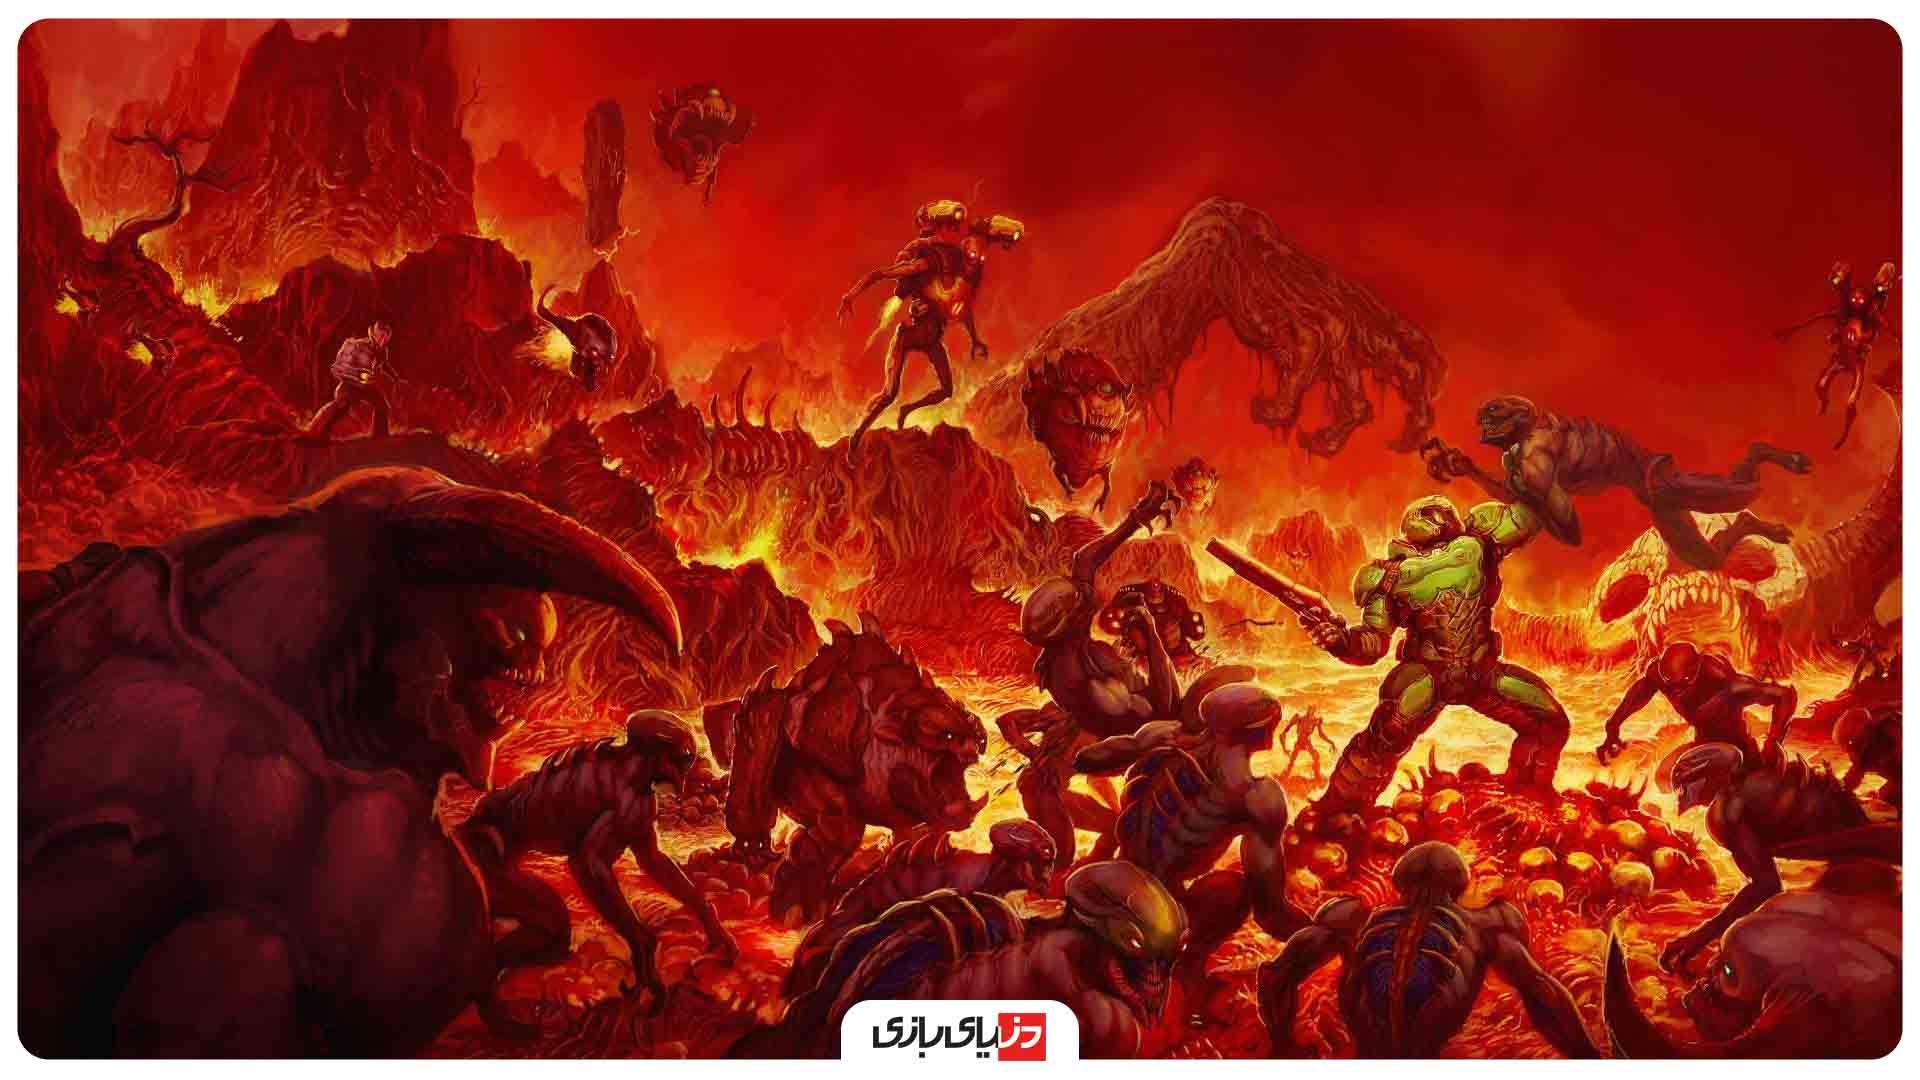 بهترین بازی های سال 2020 از نگاه IGN – بازی Doom Eternal